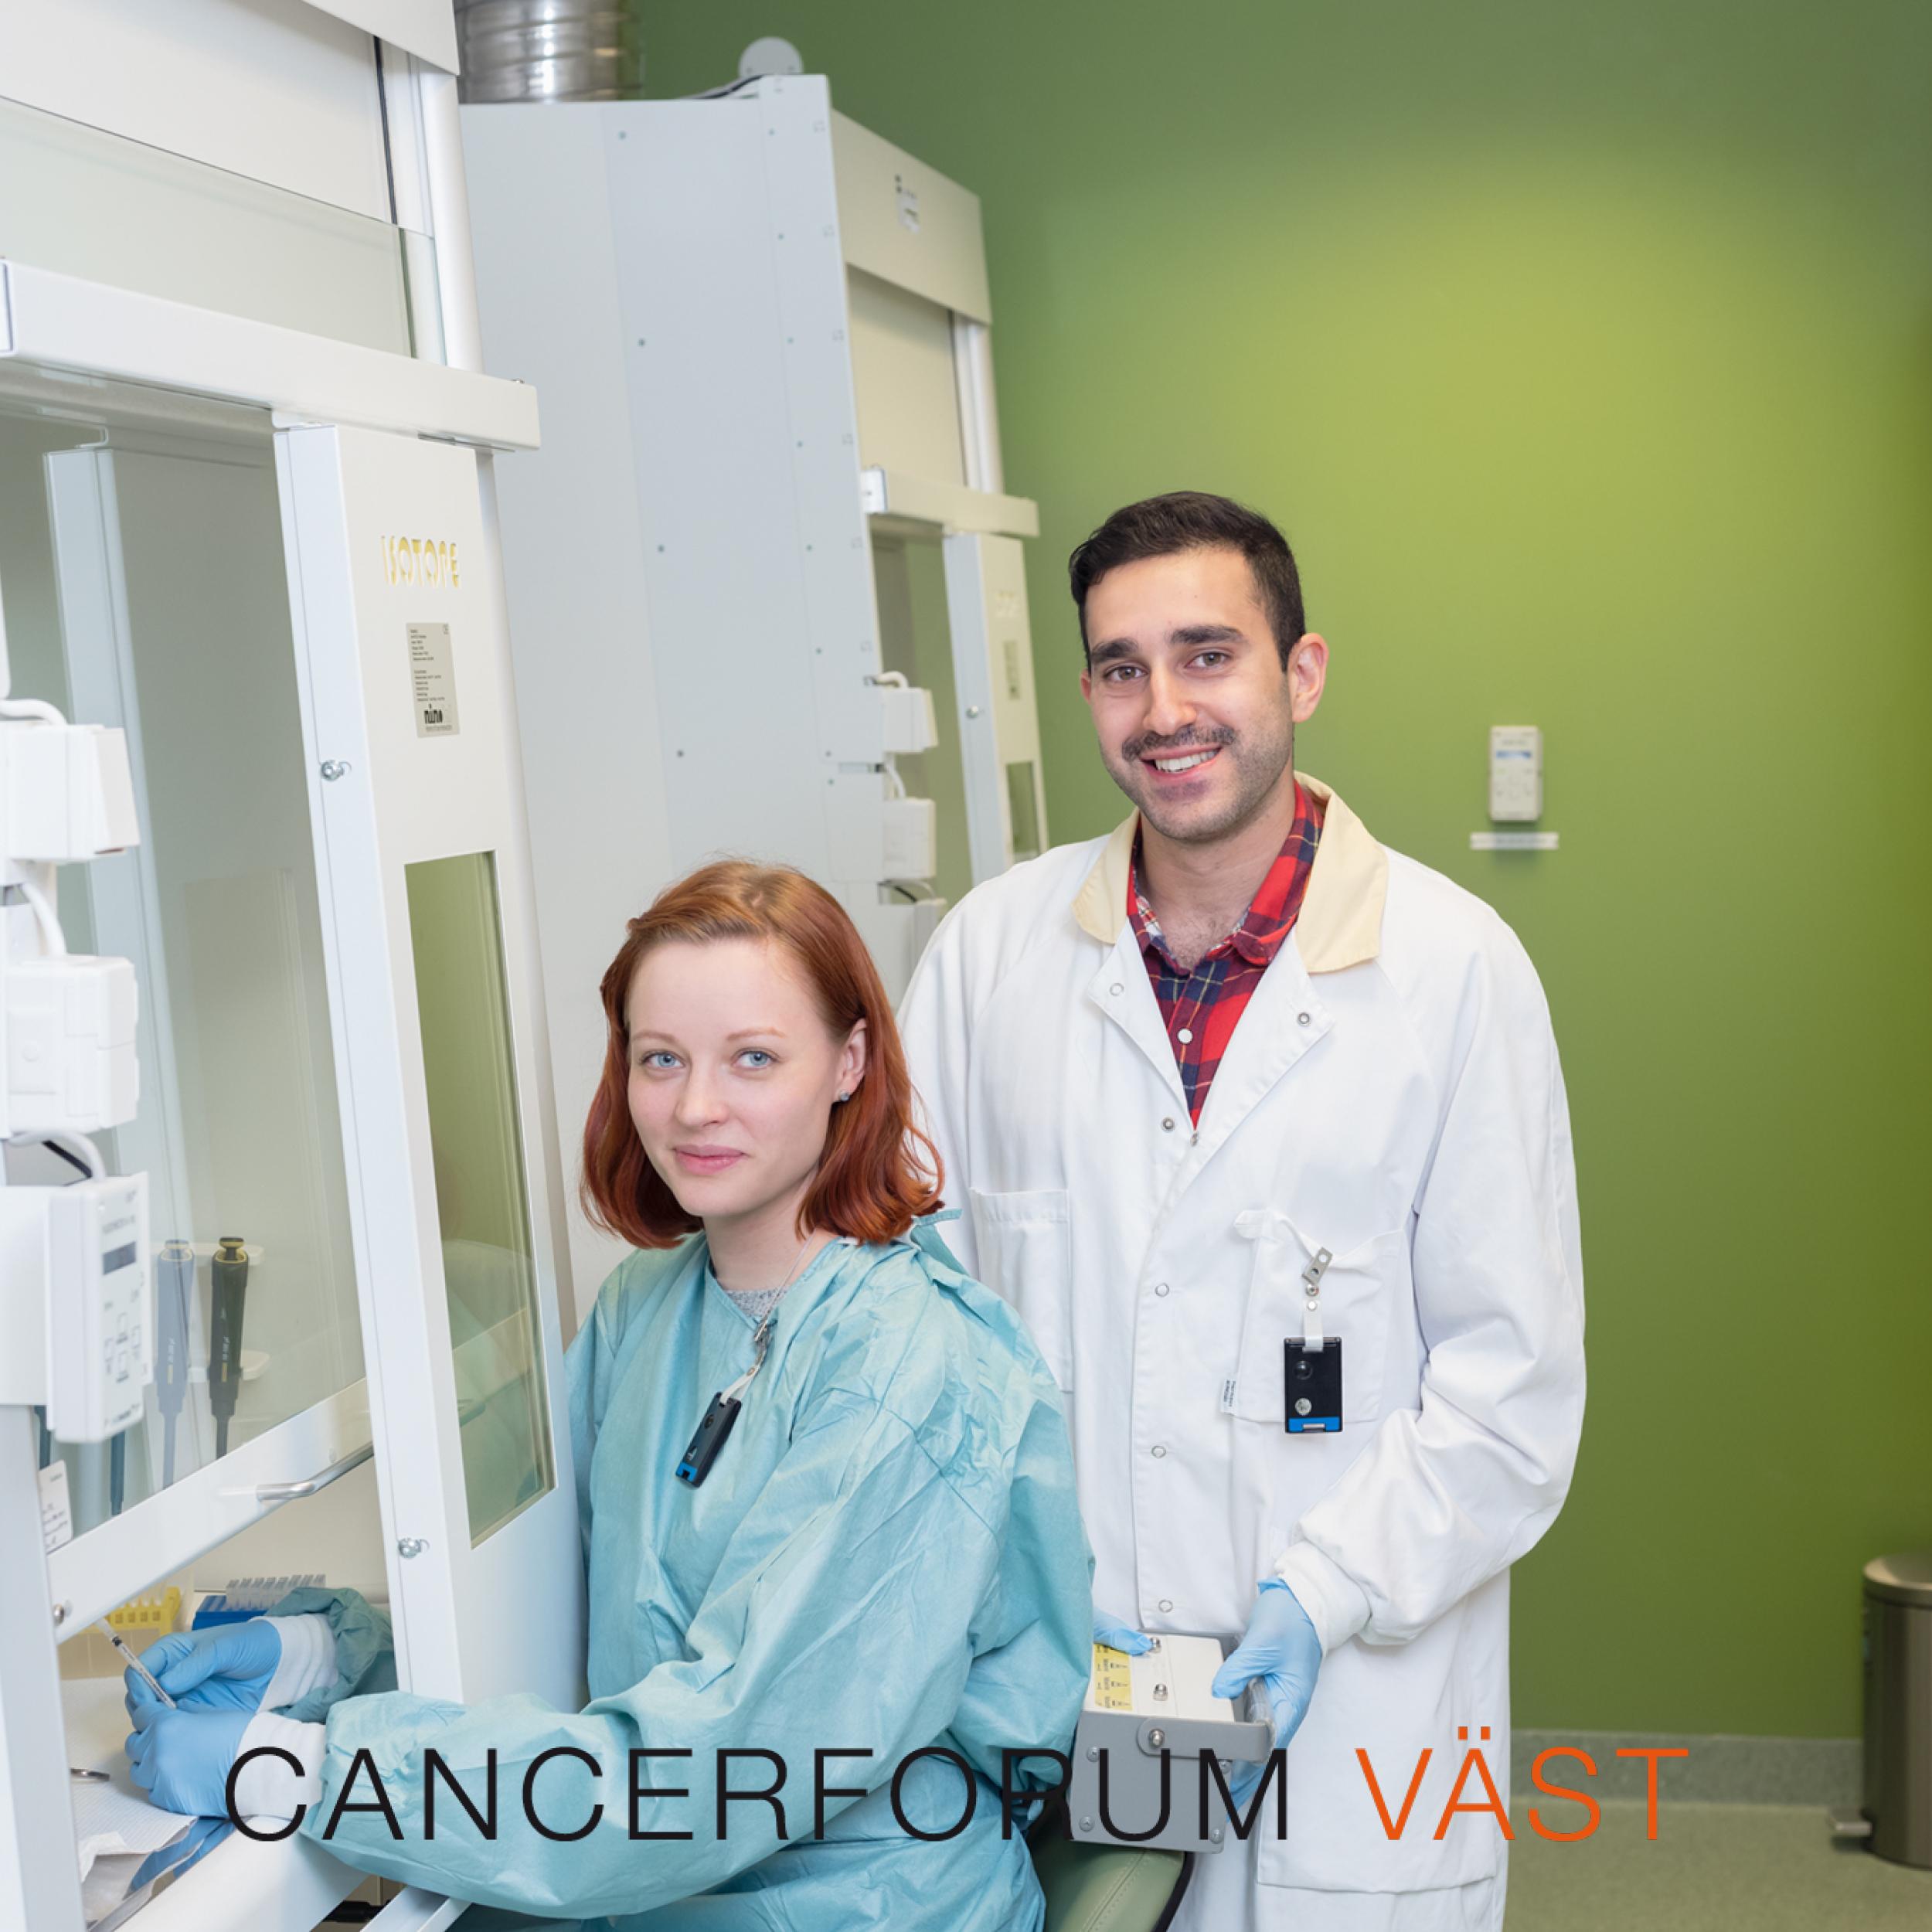 Cancerforum Väst